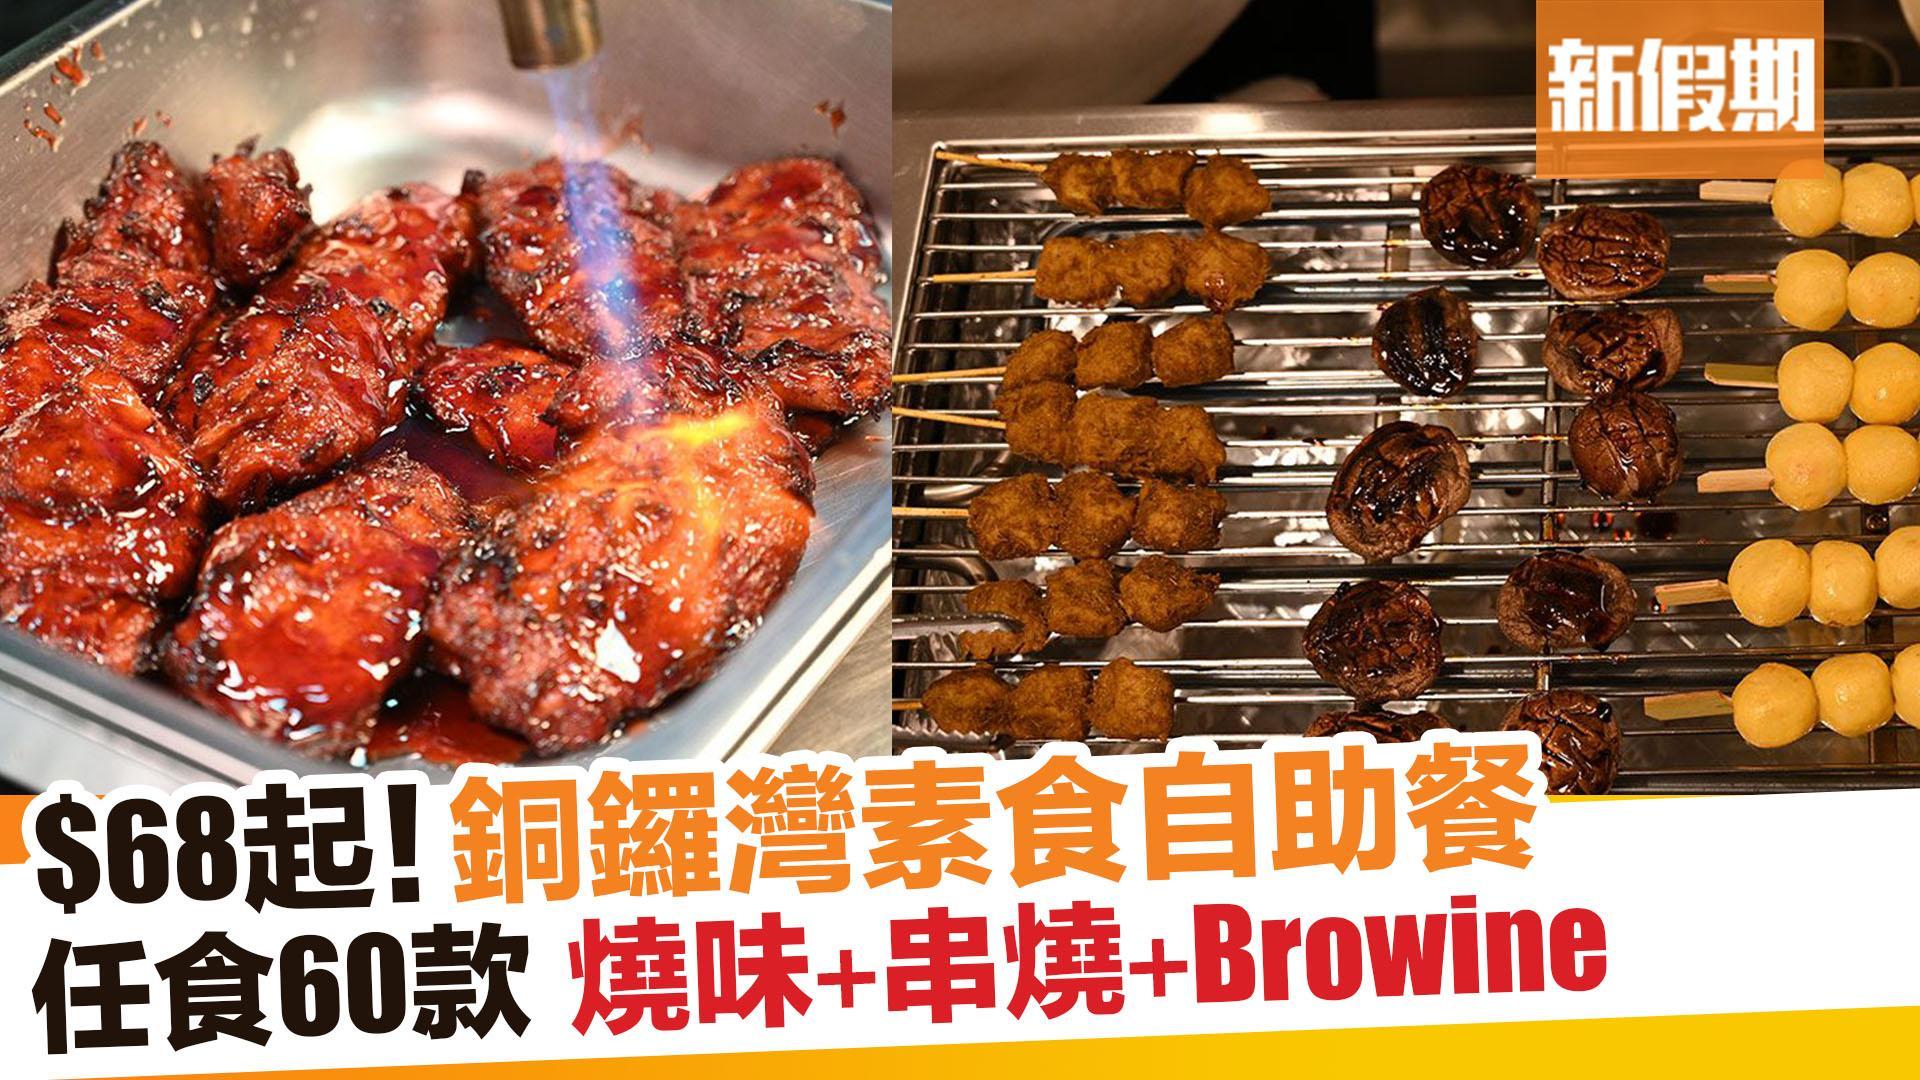 【自助餐我要】銅鑼灣素食自助餐!|新假期